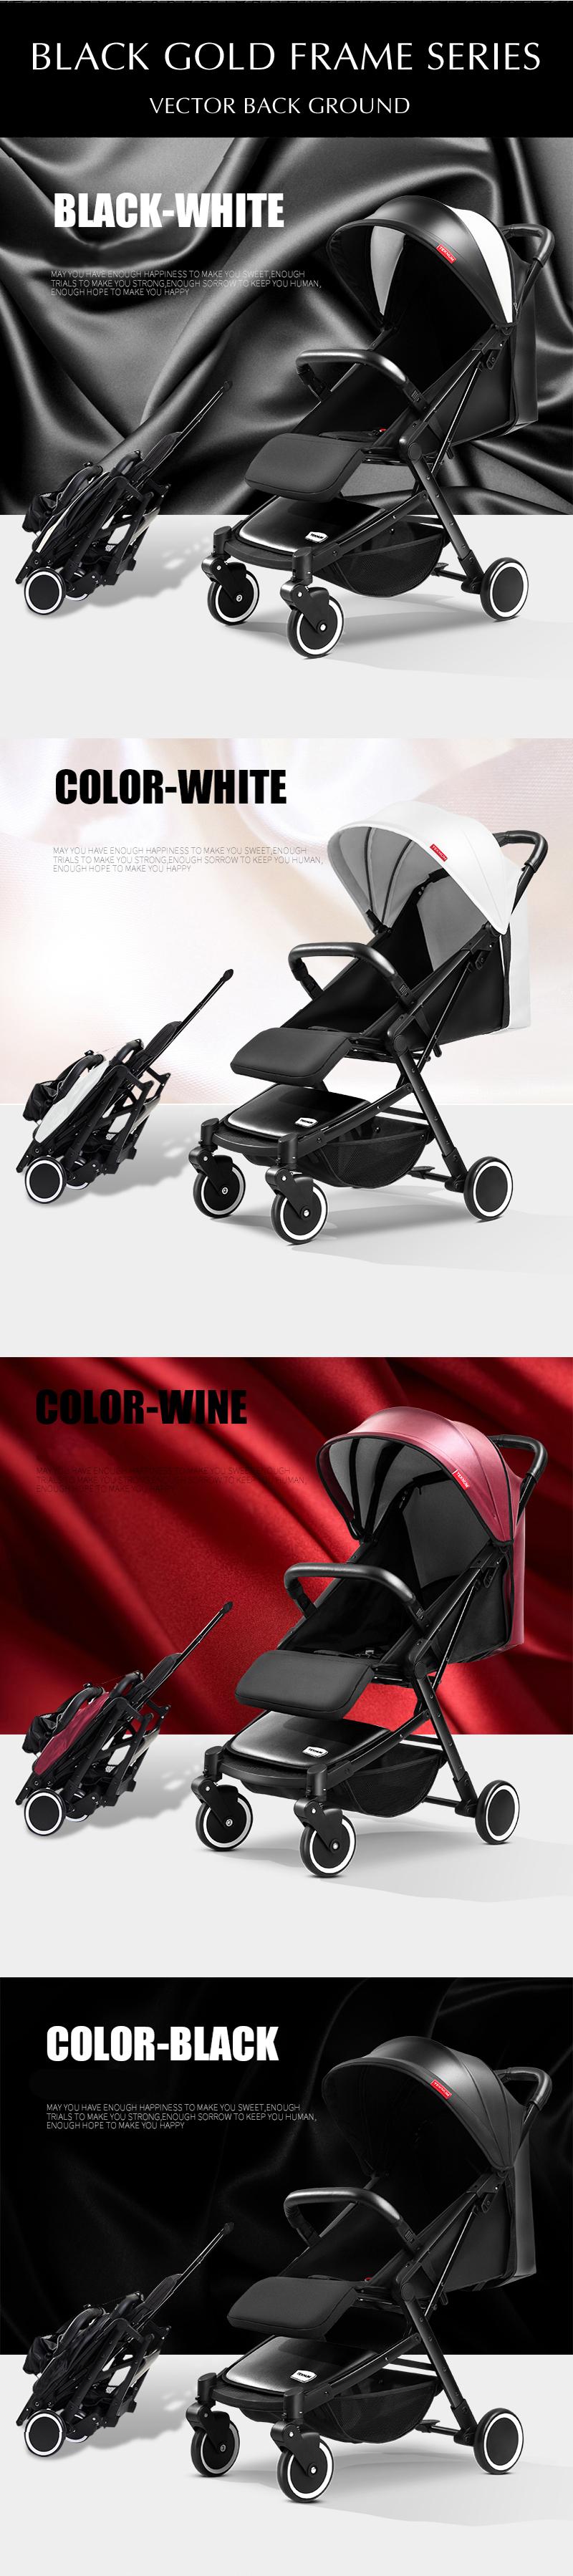 Teknum wózka dziecięcego ultralekki można jeździć może być leżącego przenośny parasol składany mini cztery okrągłe wózek dla dzieci 3